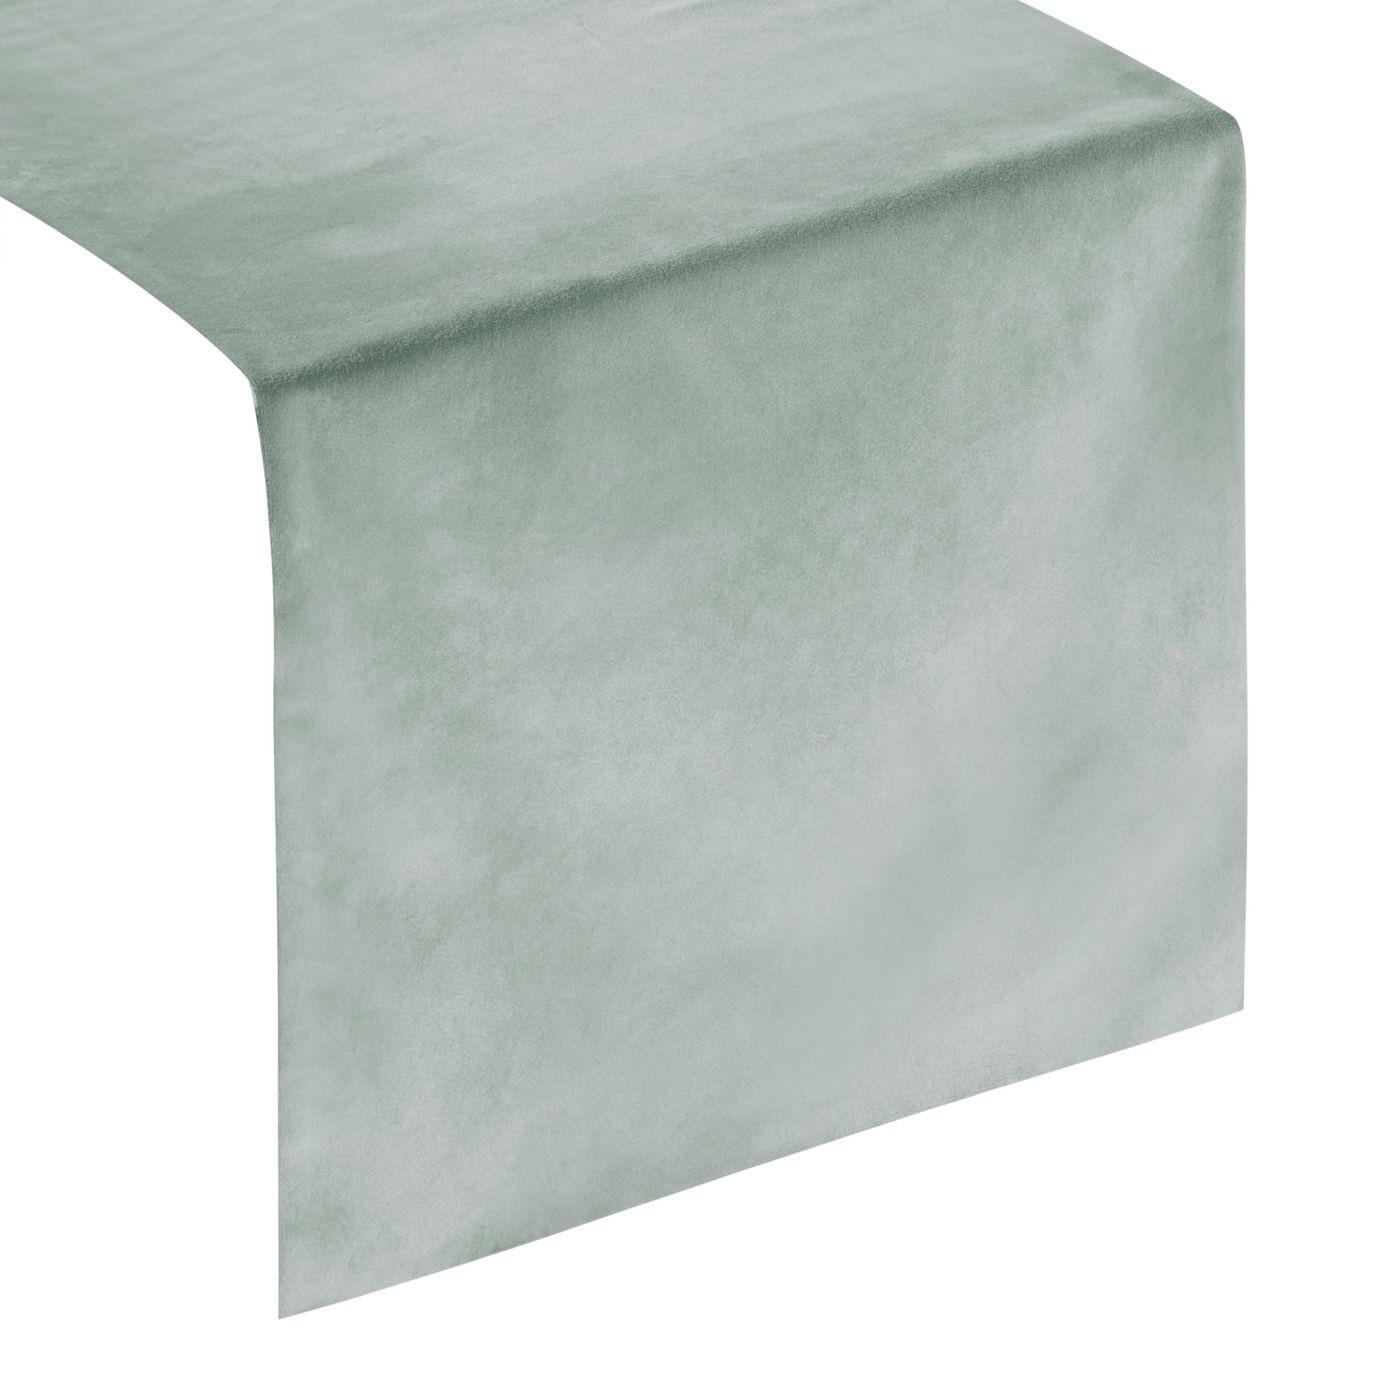 Srebrny szary bieżnik z welwetu do jadalni 35x140 cm